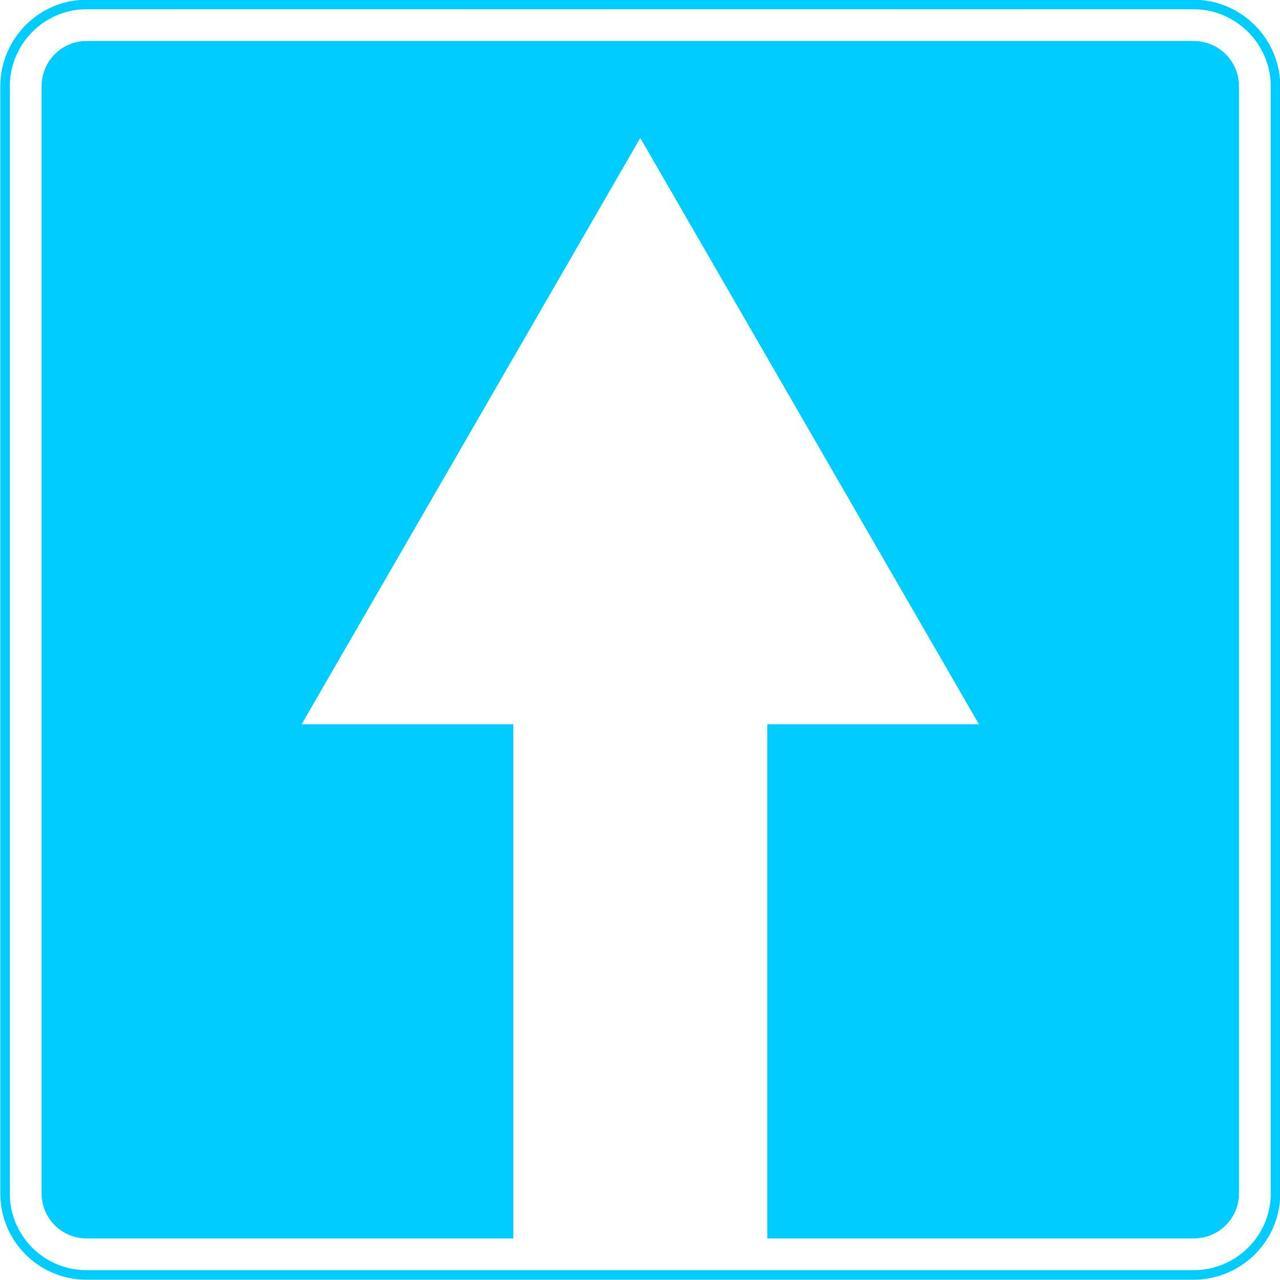 Знак 5.5 Бір бағыттағы жол/ Дорога с односторонним движением